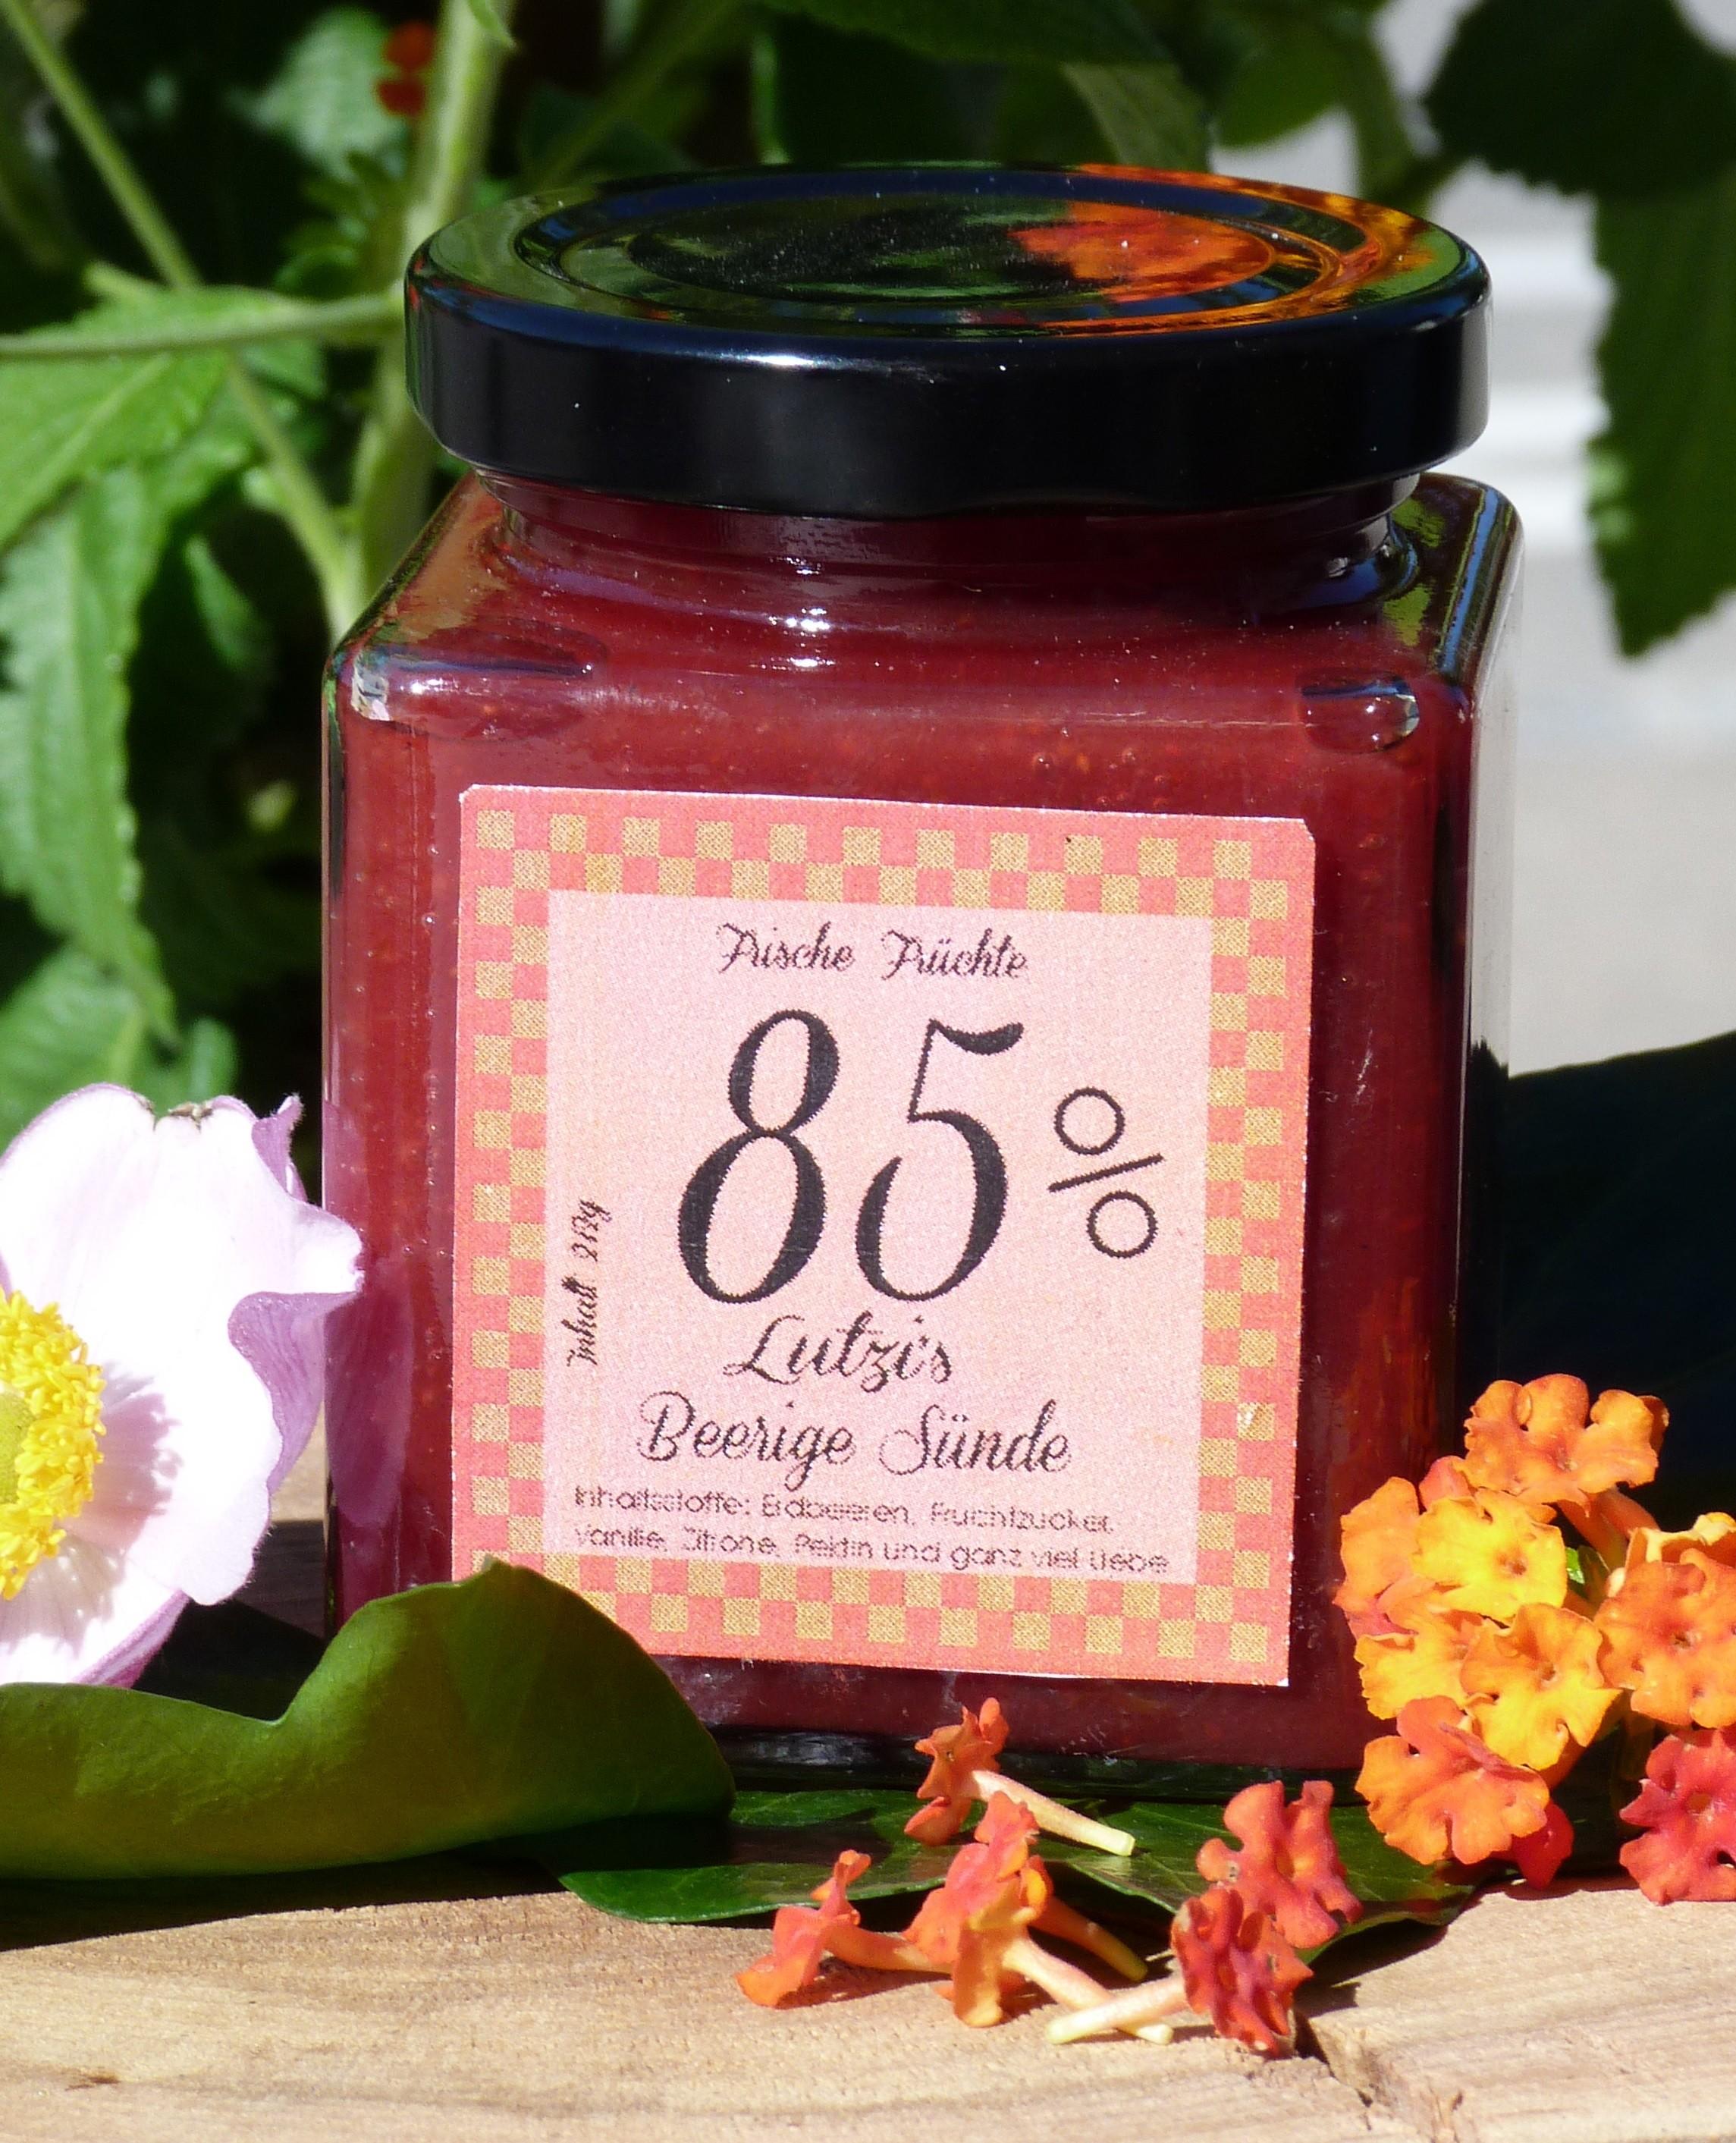 Beerige Sünde 212g Erdbeer Marmelade